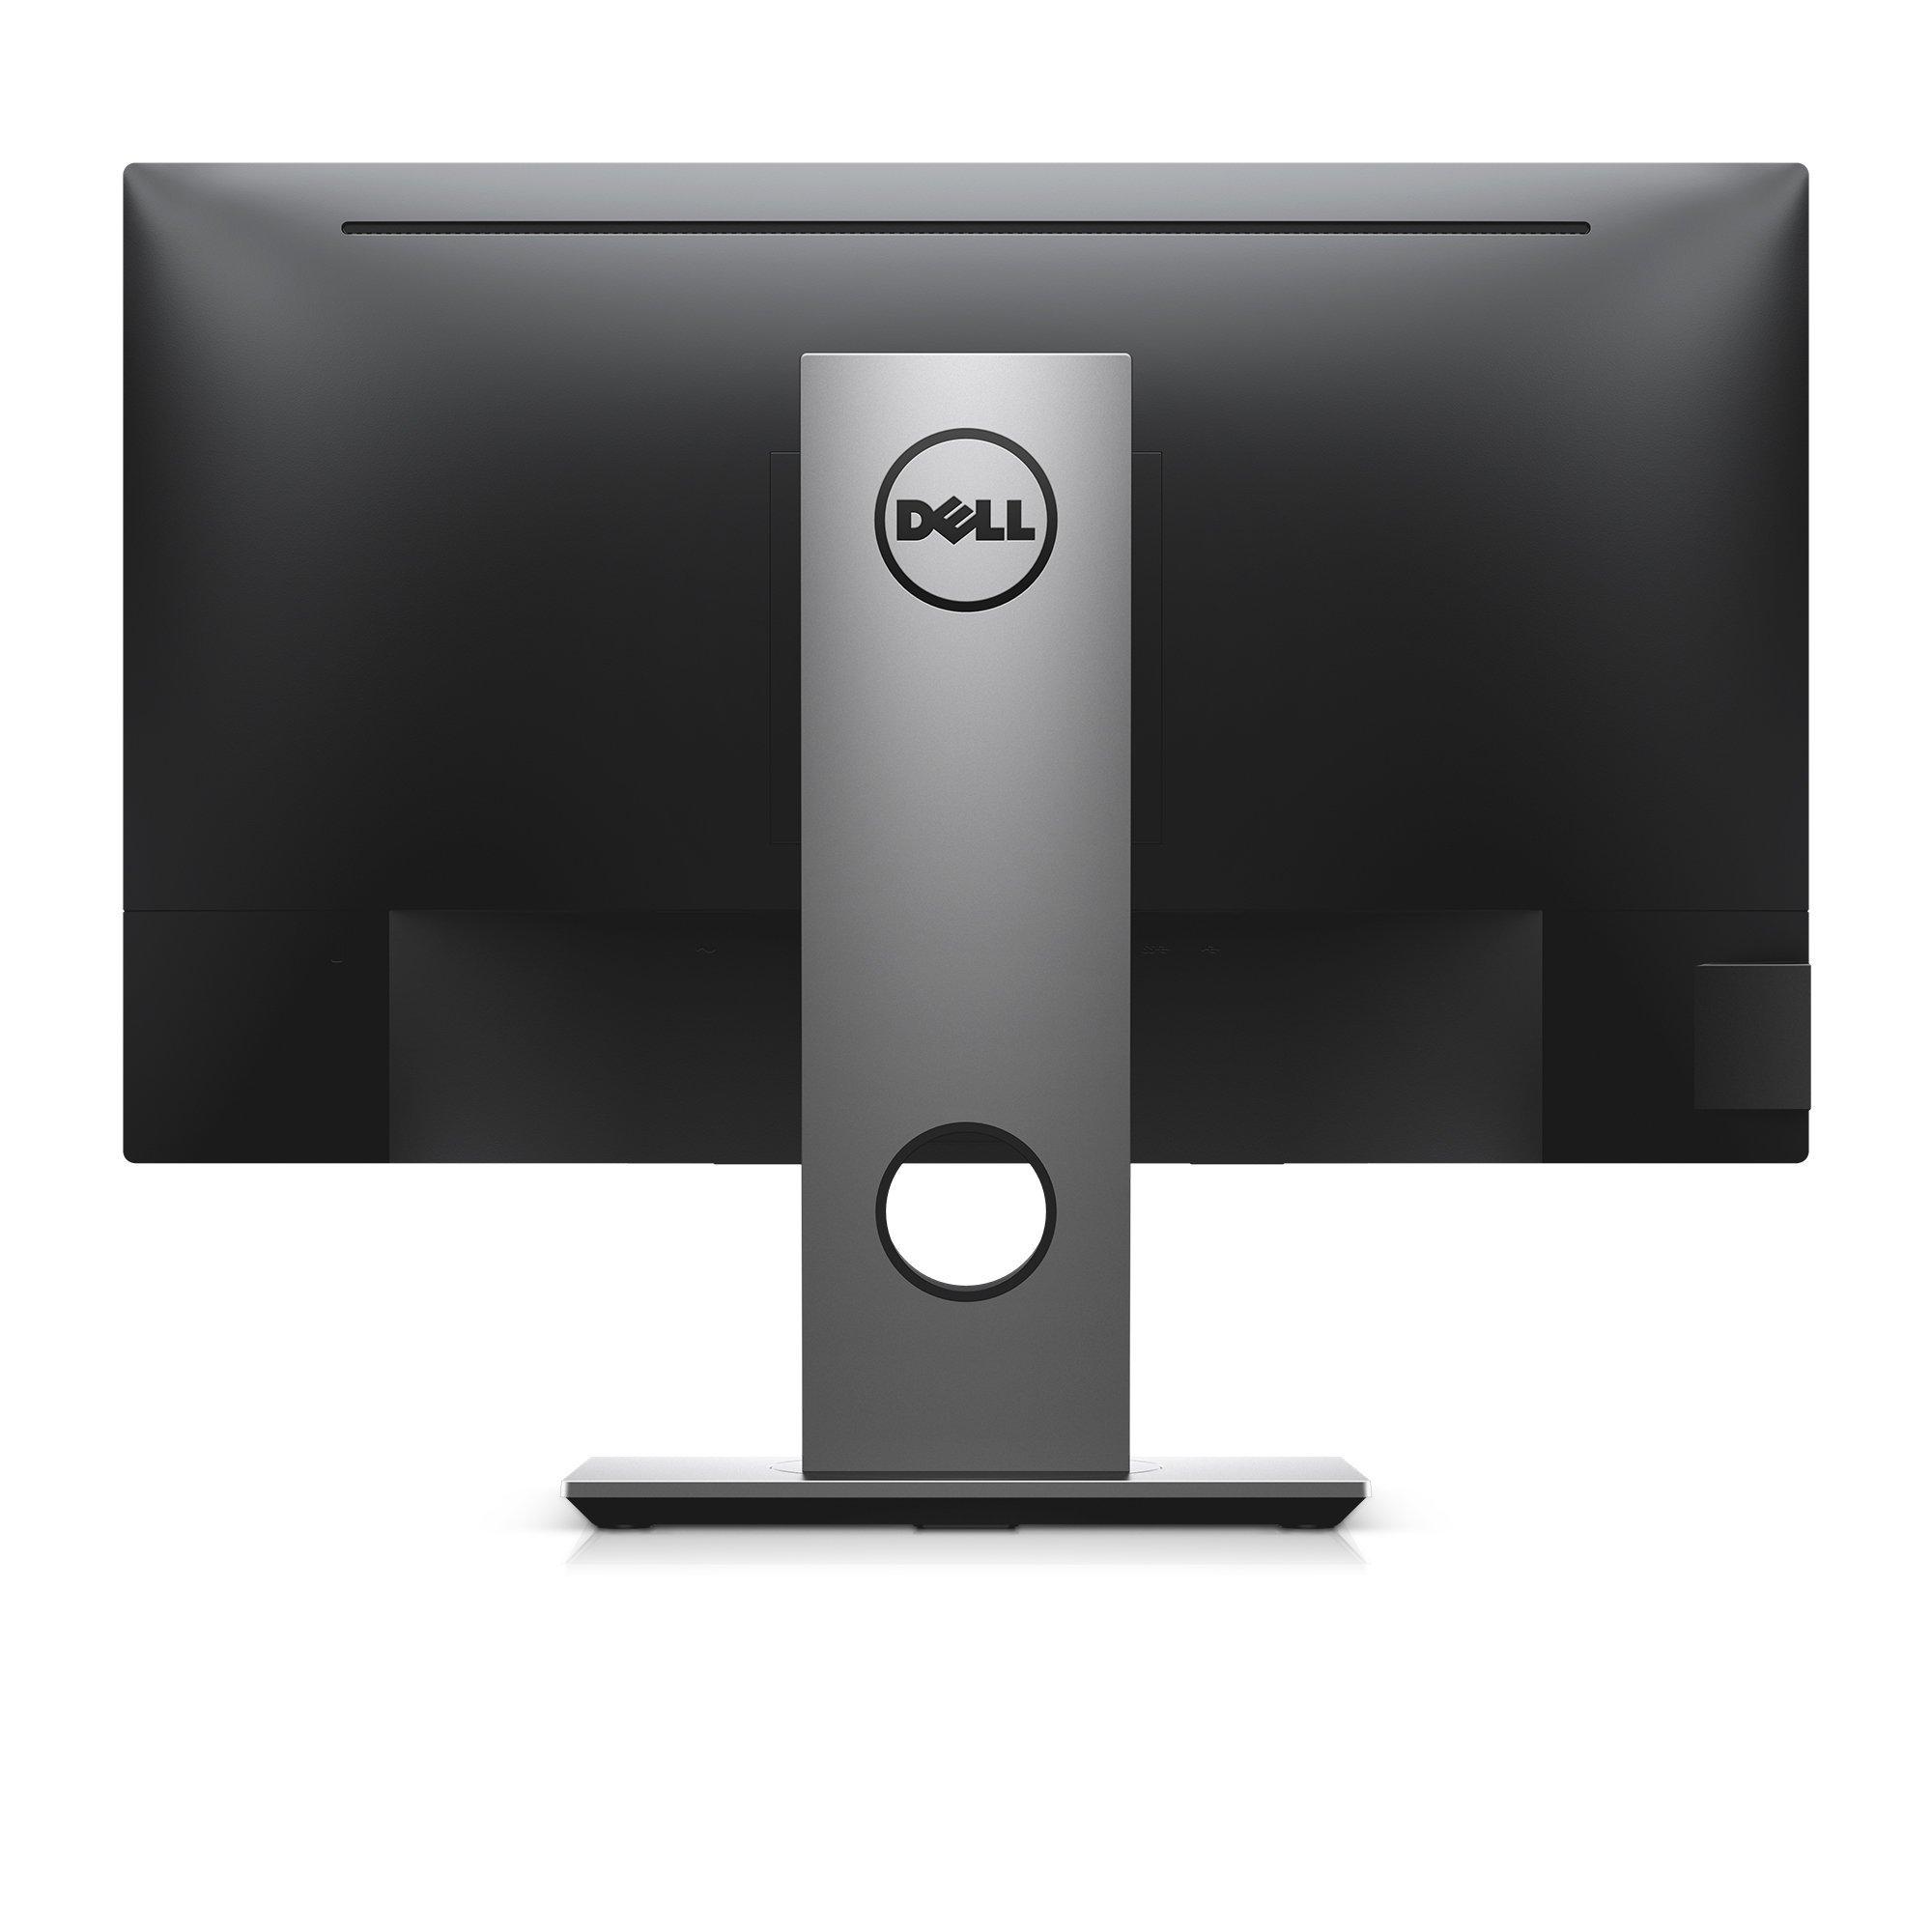 Dell P2317h 23